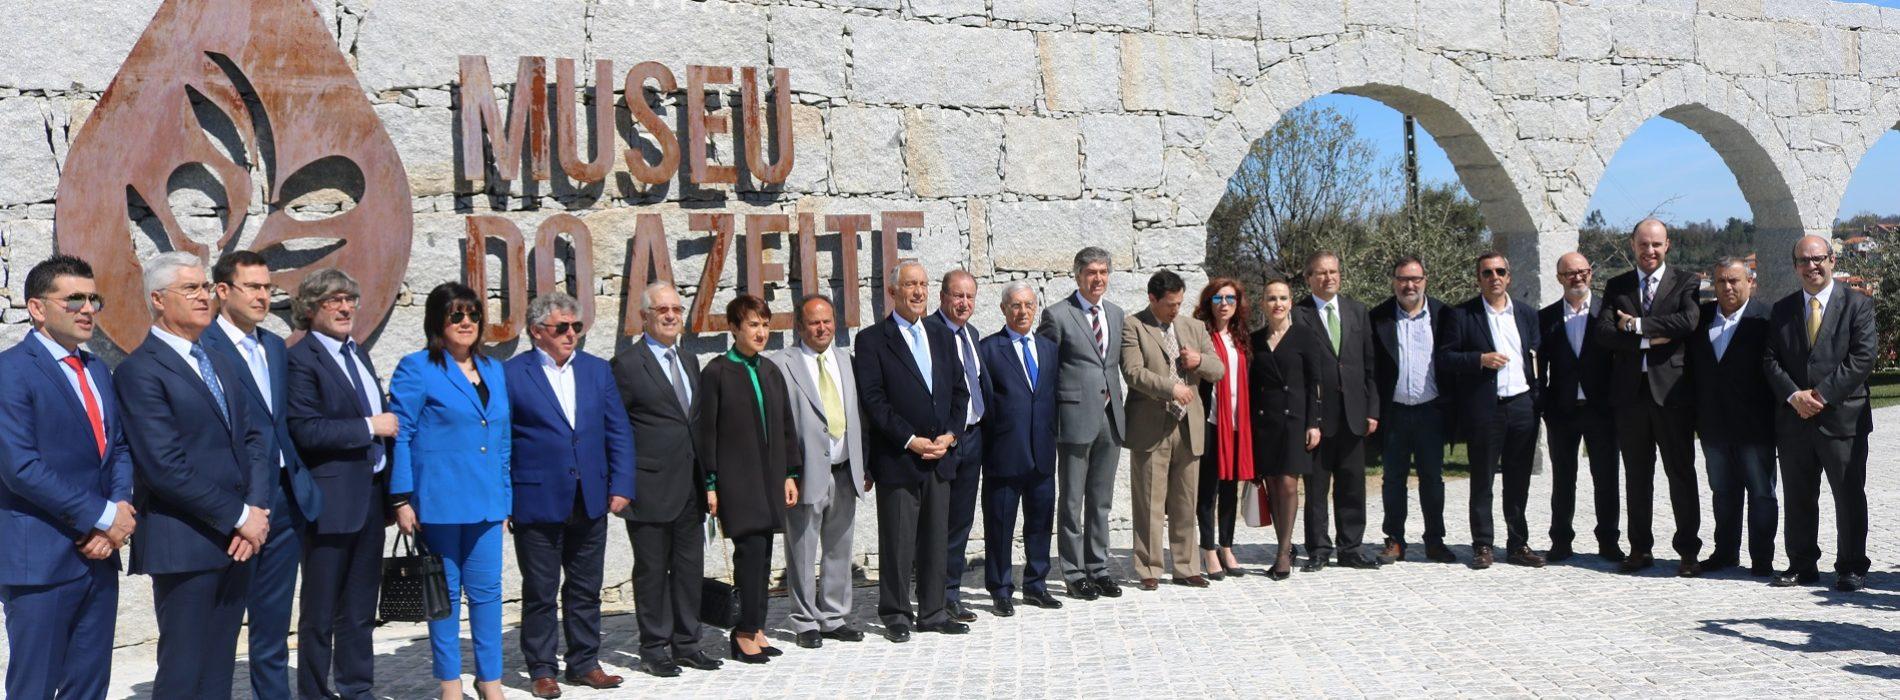 Presidente da República inaugurou Museu do Azeite na Bobadela (Com vídeo)